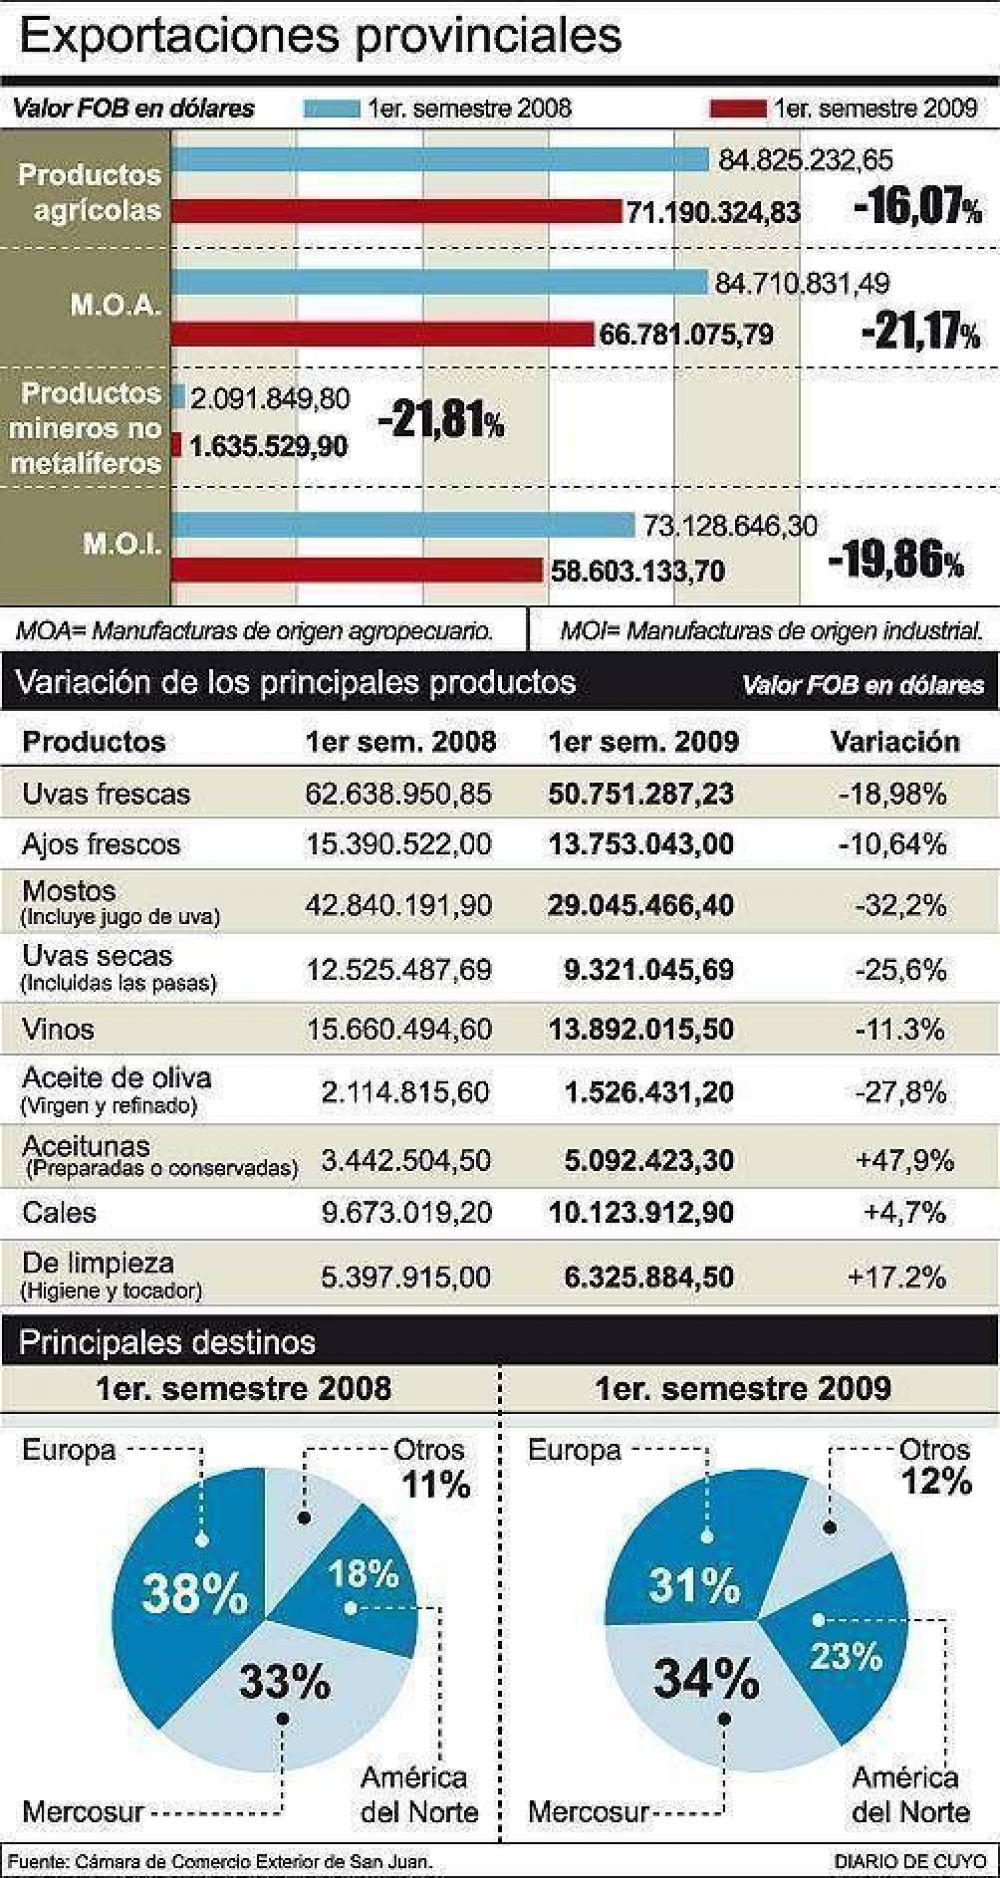 Aceitunas y cales se salvan de la baja en las exportaciones